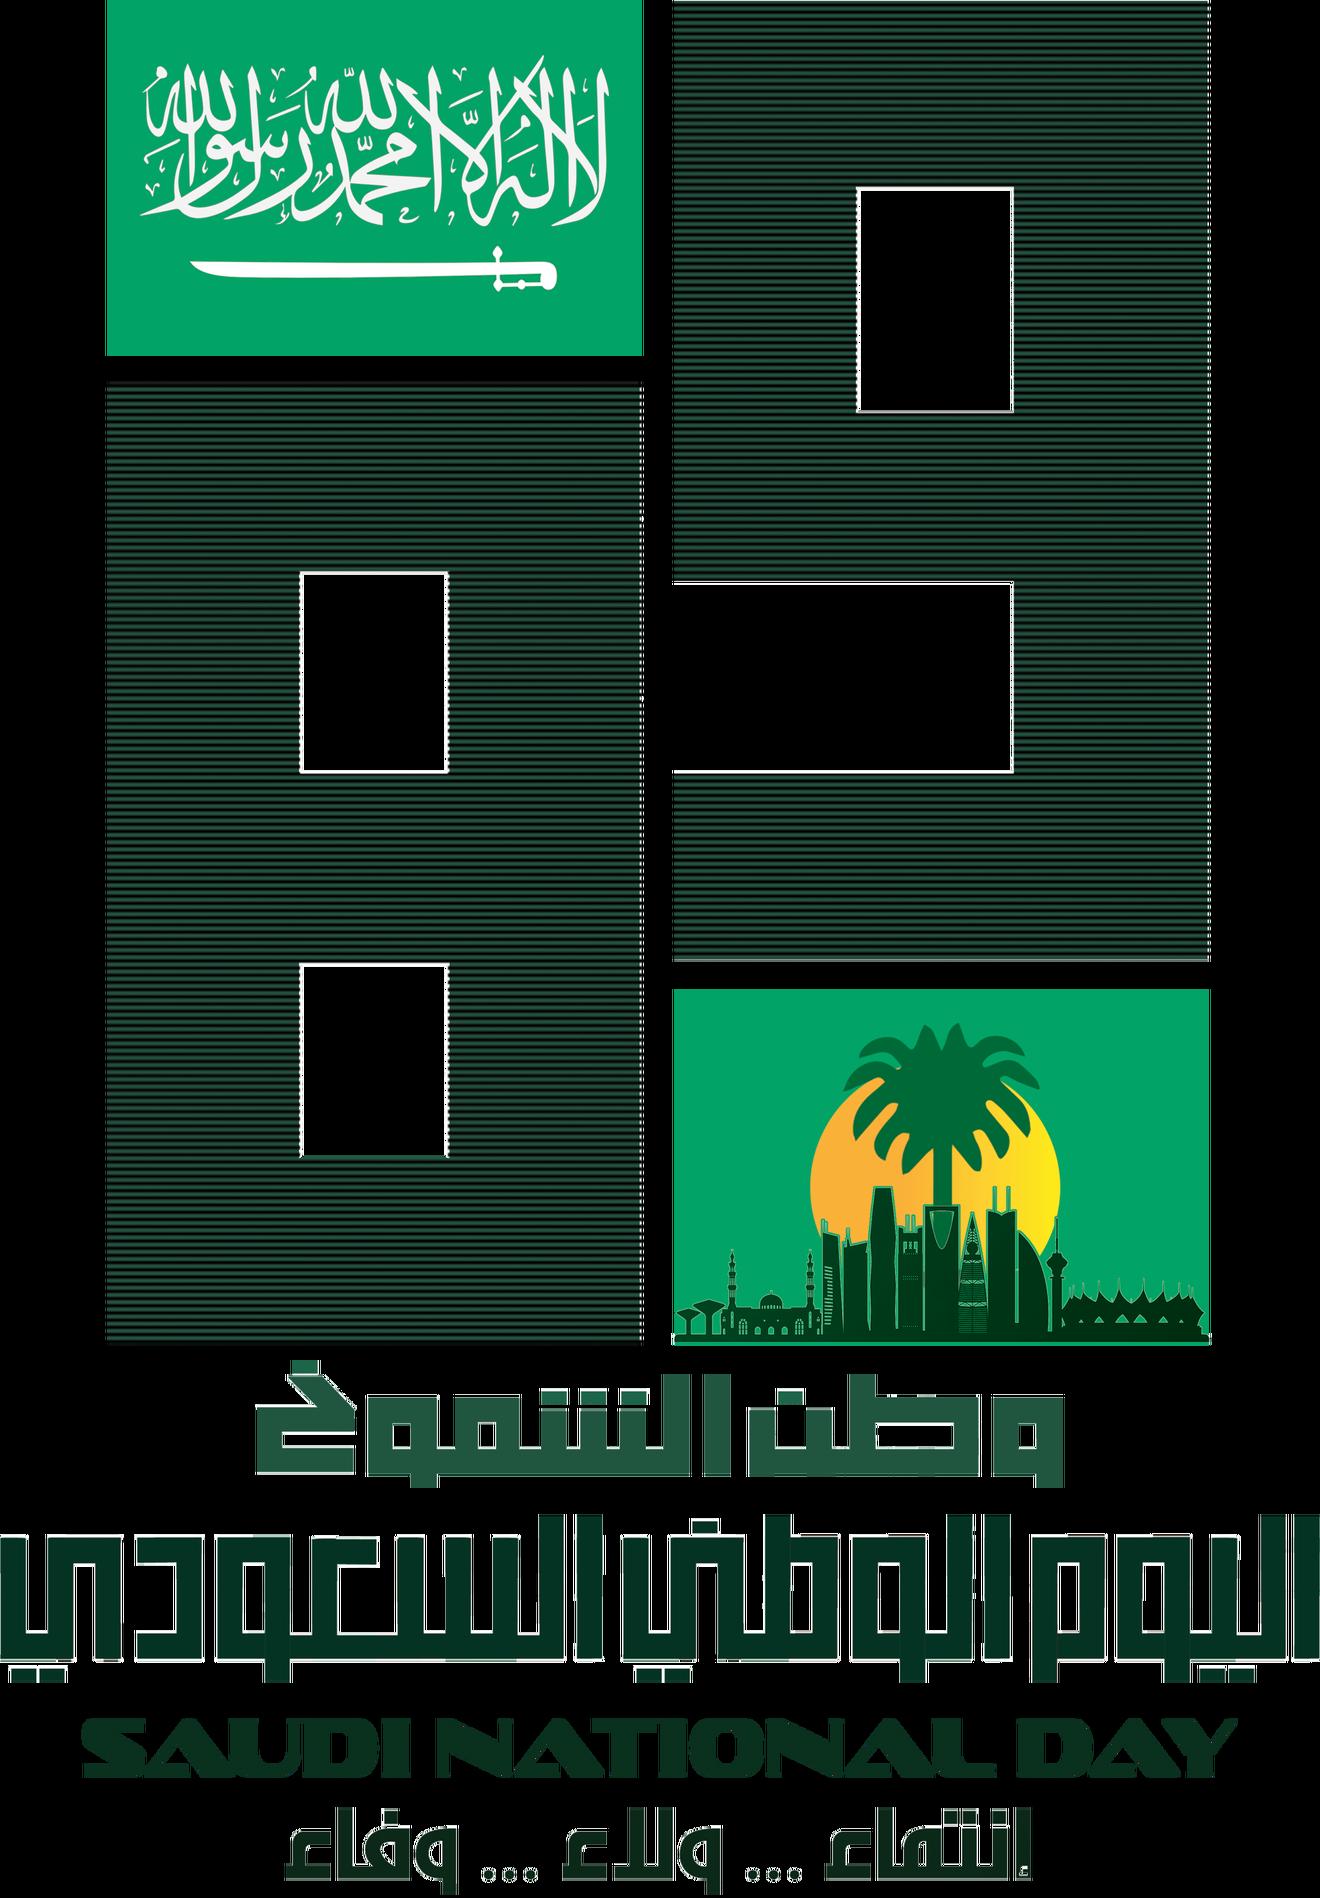 تصميم اليوم الوطني 89 انستقرام